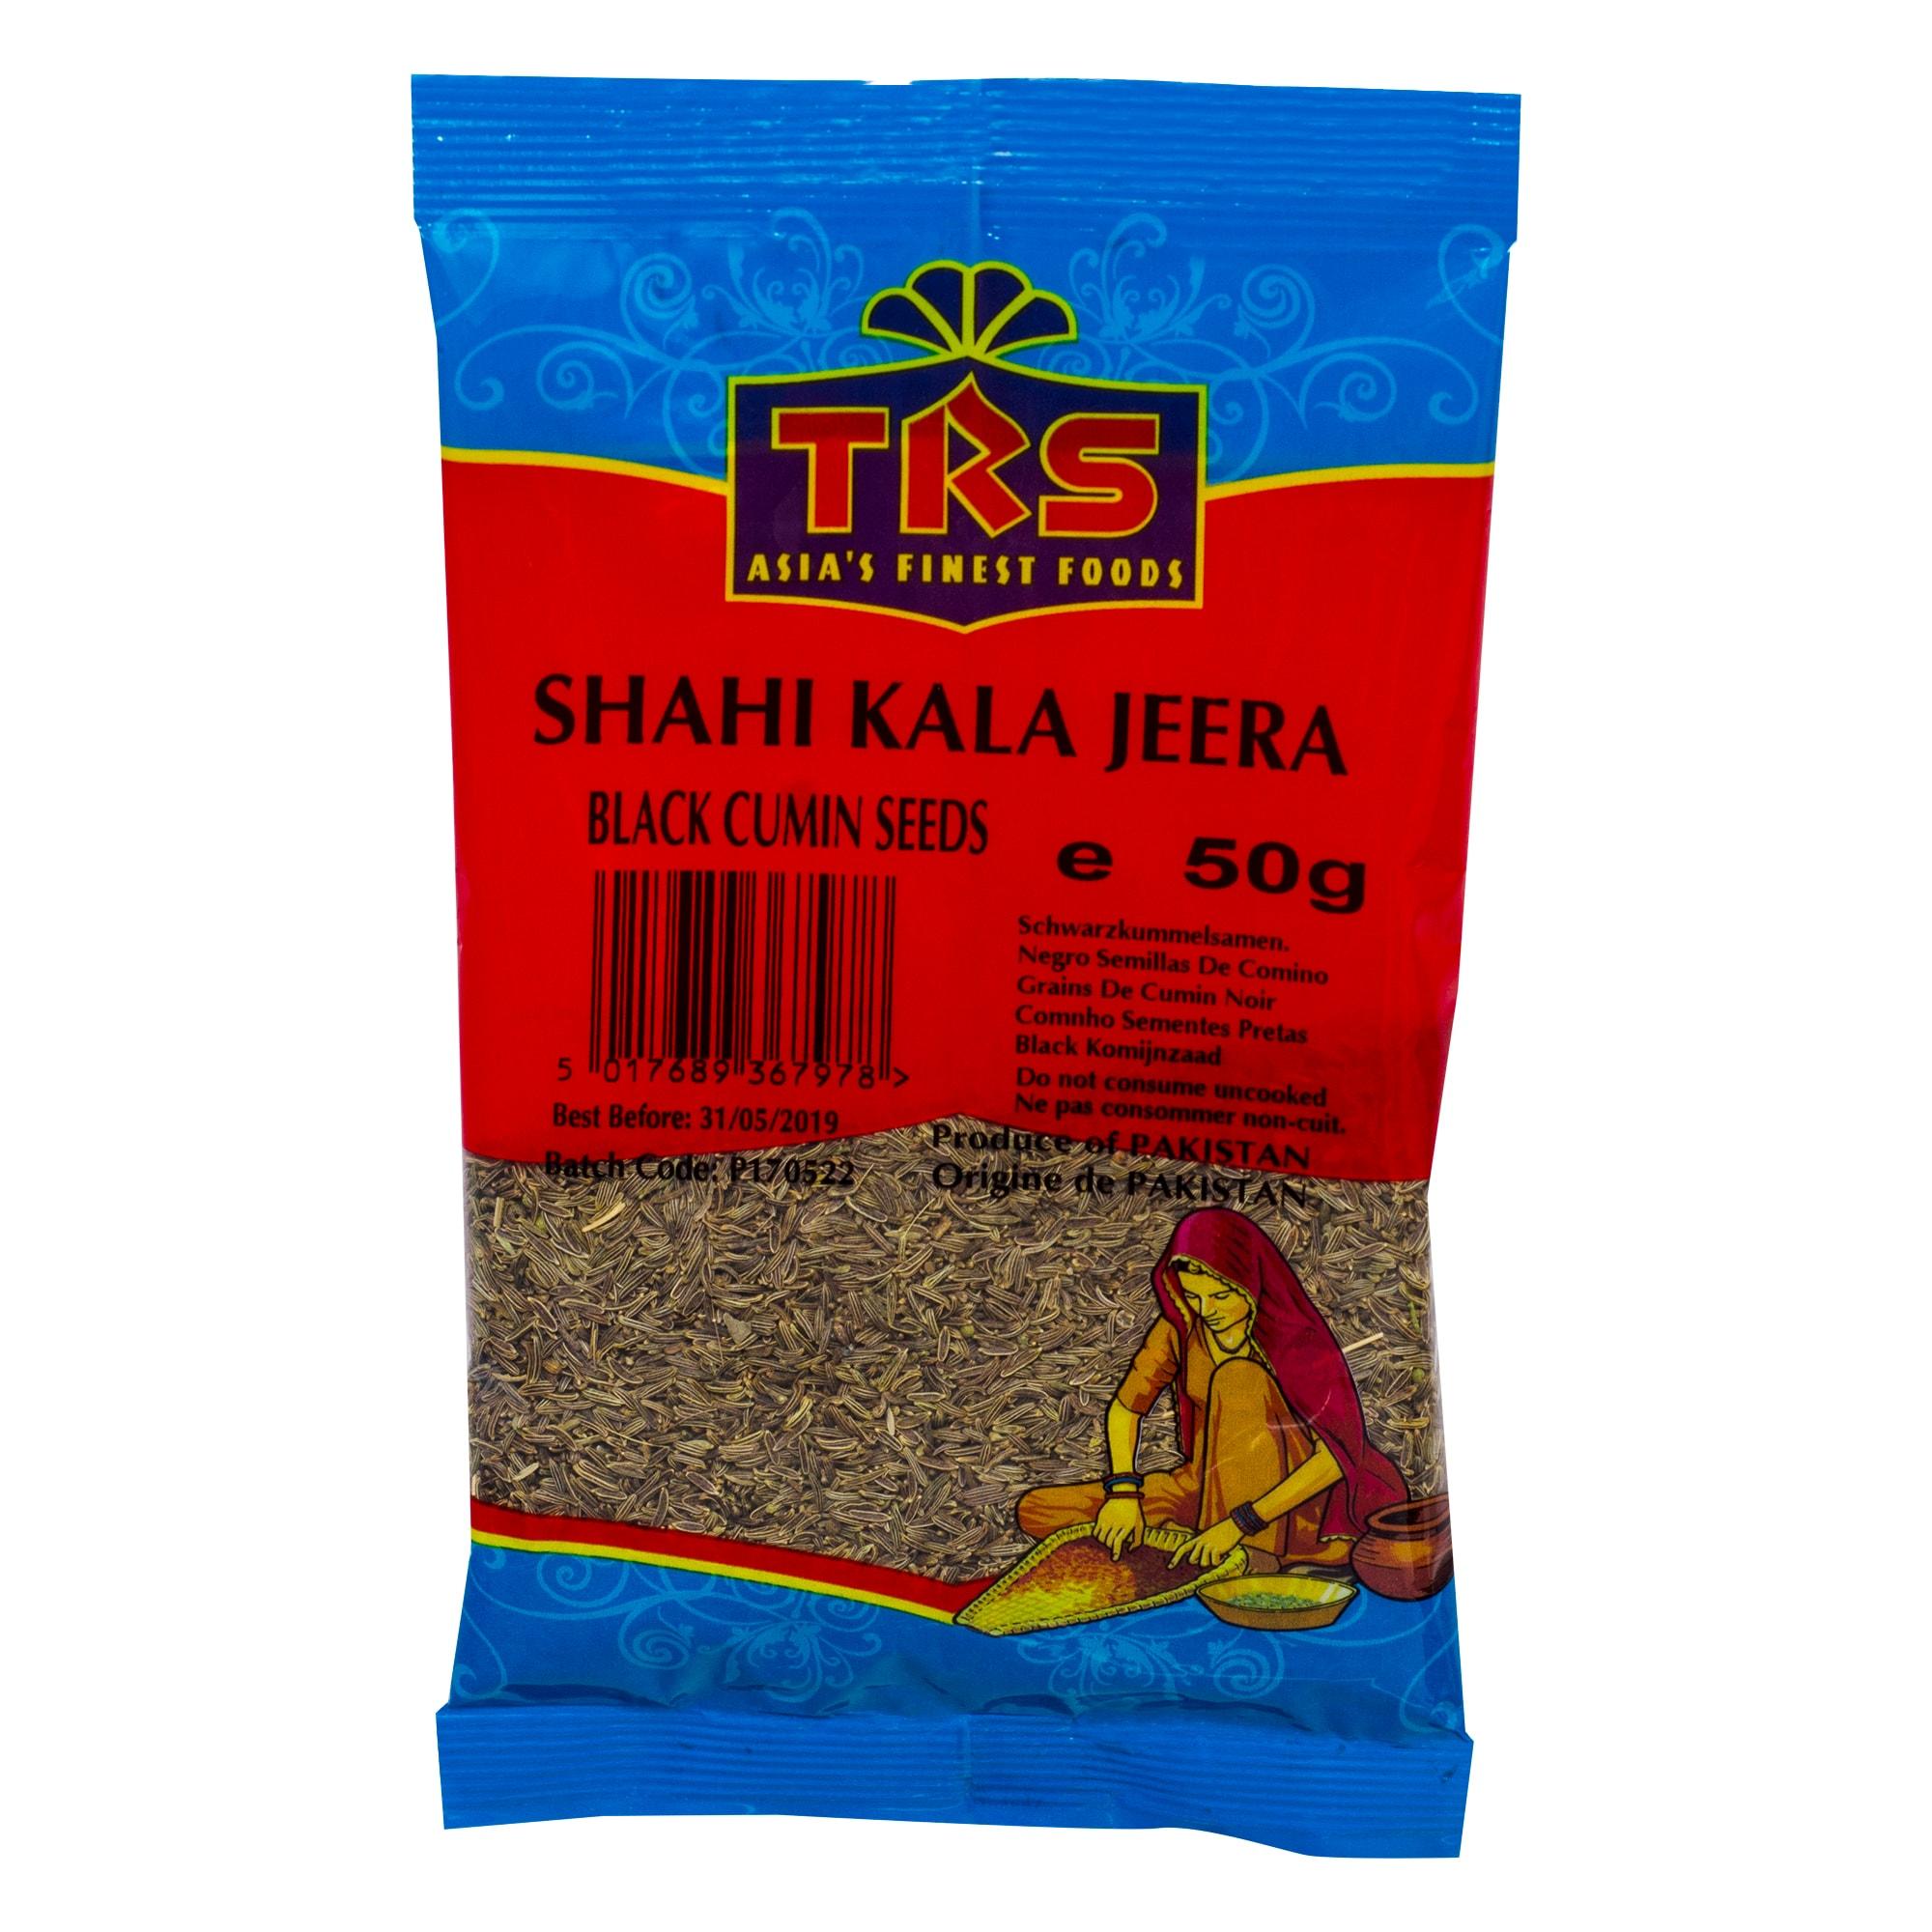 TRS Shahi Kala Jeera Schwarzkümmelsamen 50g